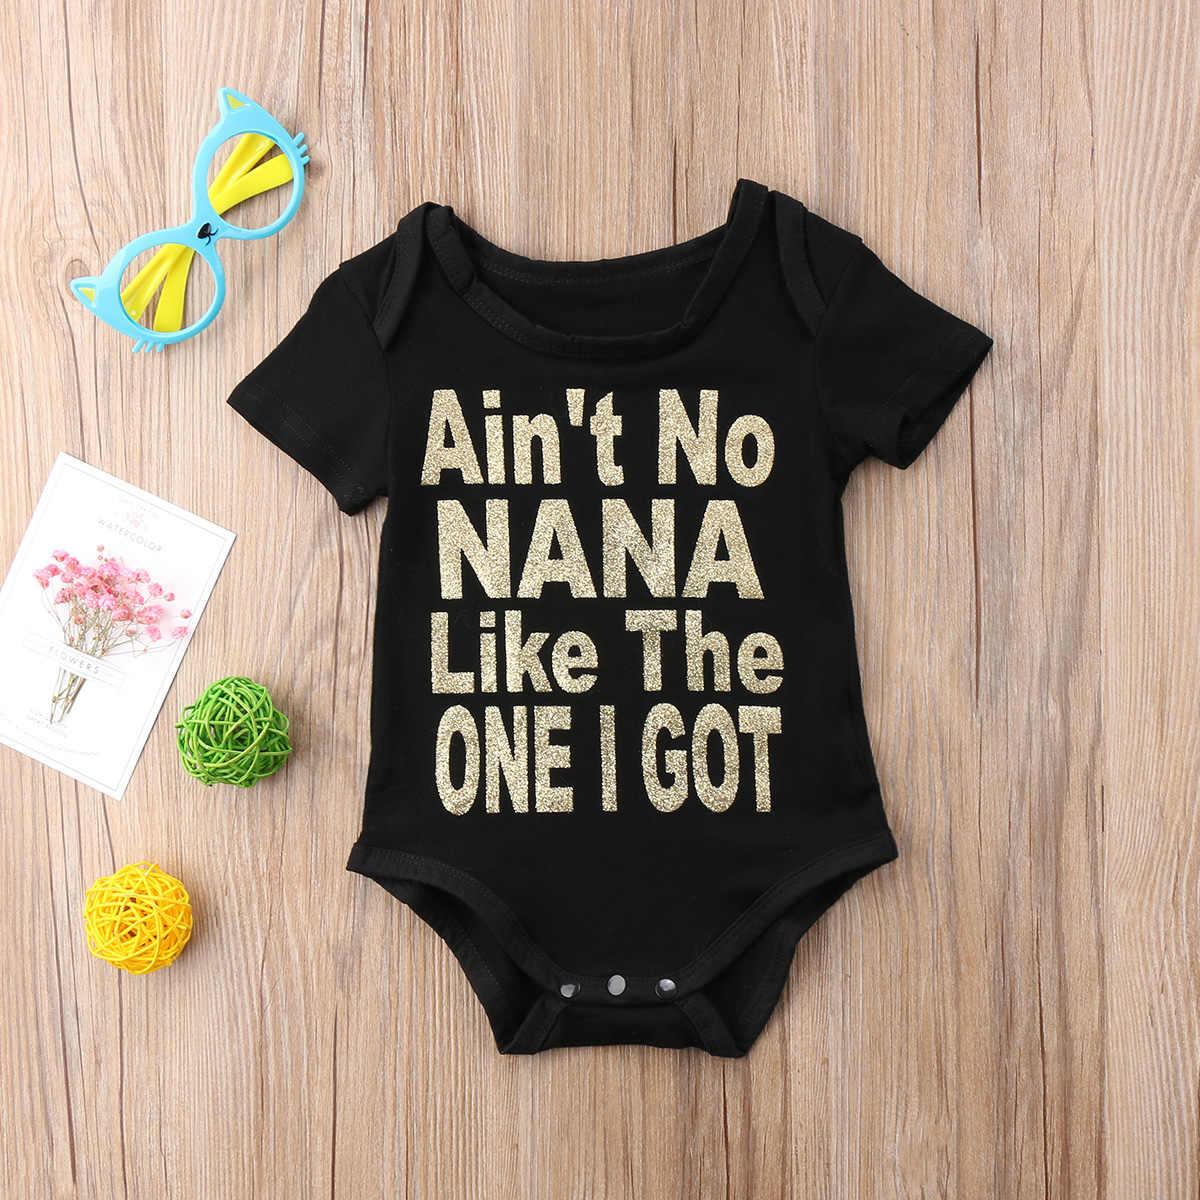 2018 Brand New Sơ Sinh Toddler Infant Baby Girl Boy Jumpsuit Romper Quần Áo Giản Dị Ngắn Tay Áo Trang Phục Mùa Hè Một mảnh quần áo